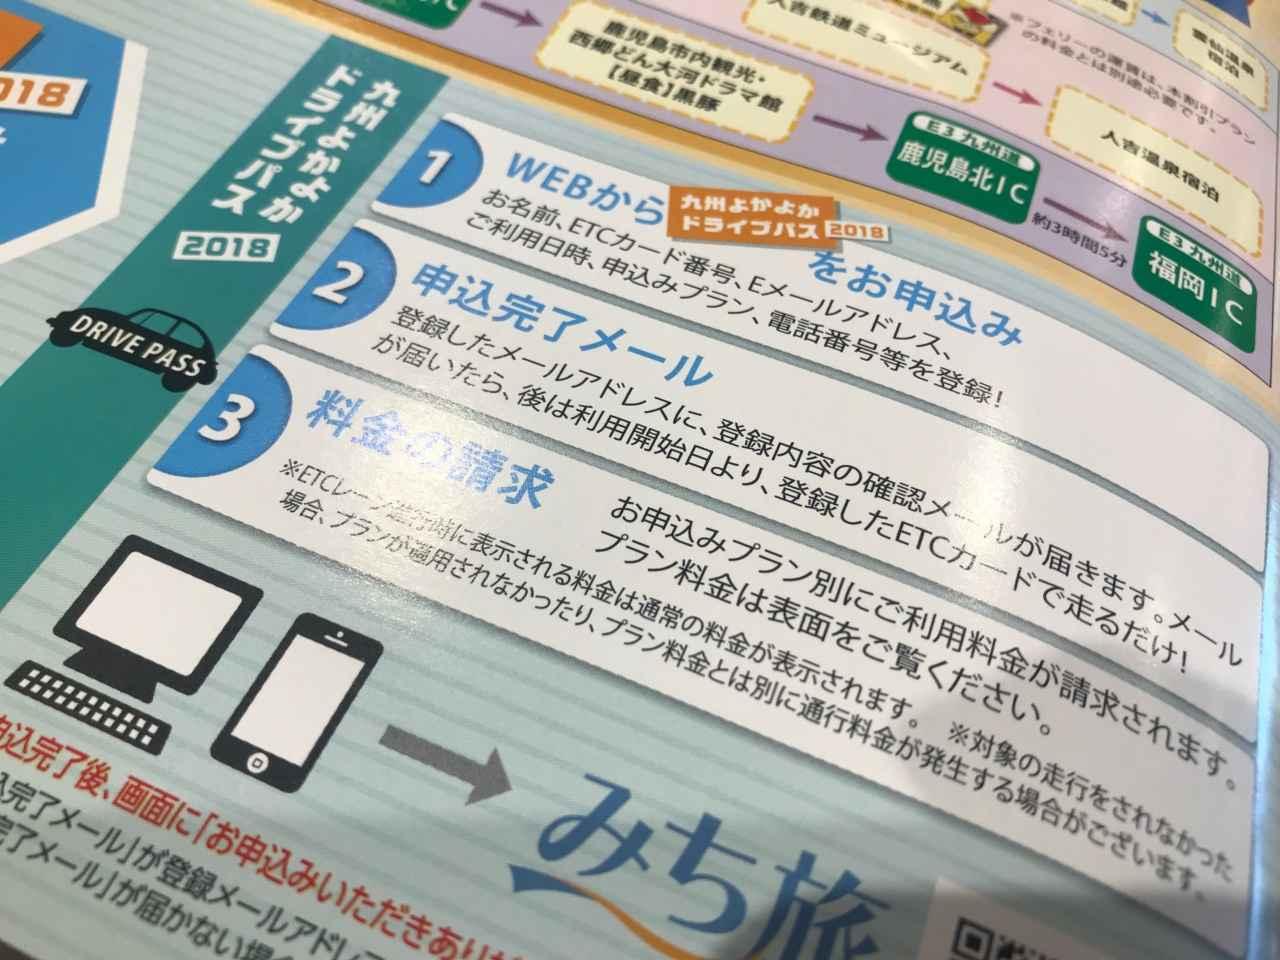 画像: スマートフォンかパソコンで申請することで利用可能だ。